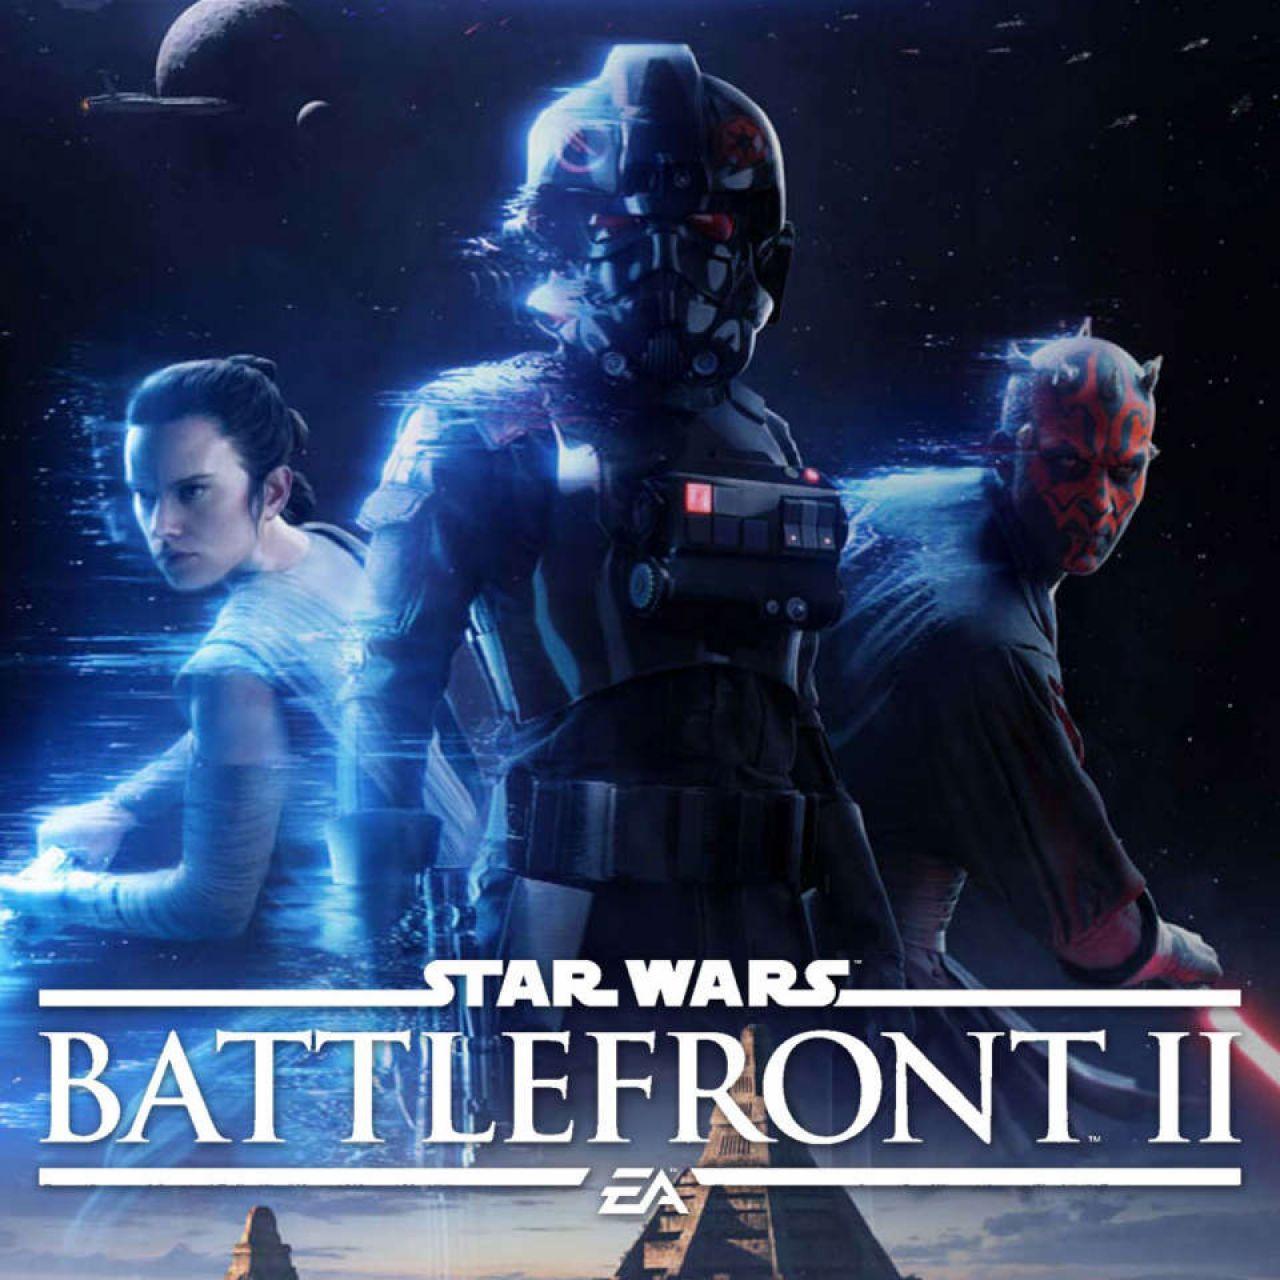 StarWars: Battlefront II